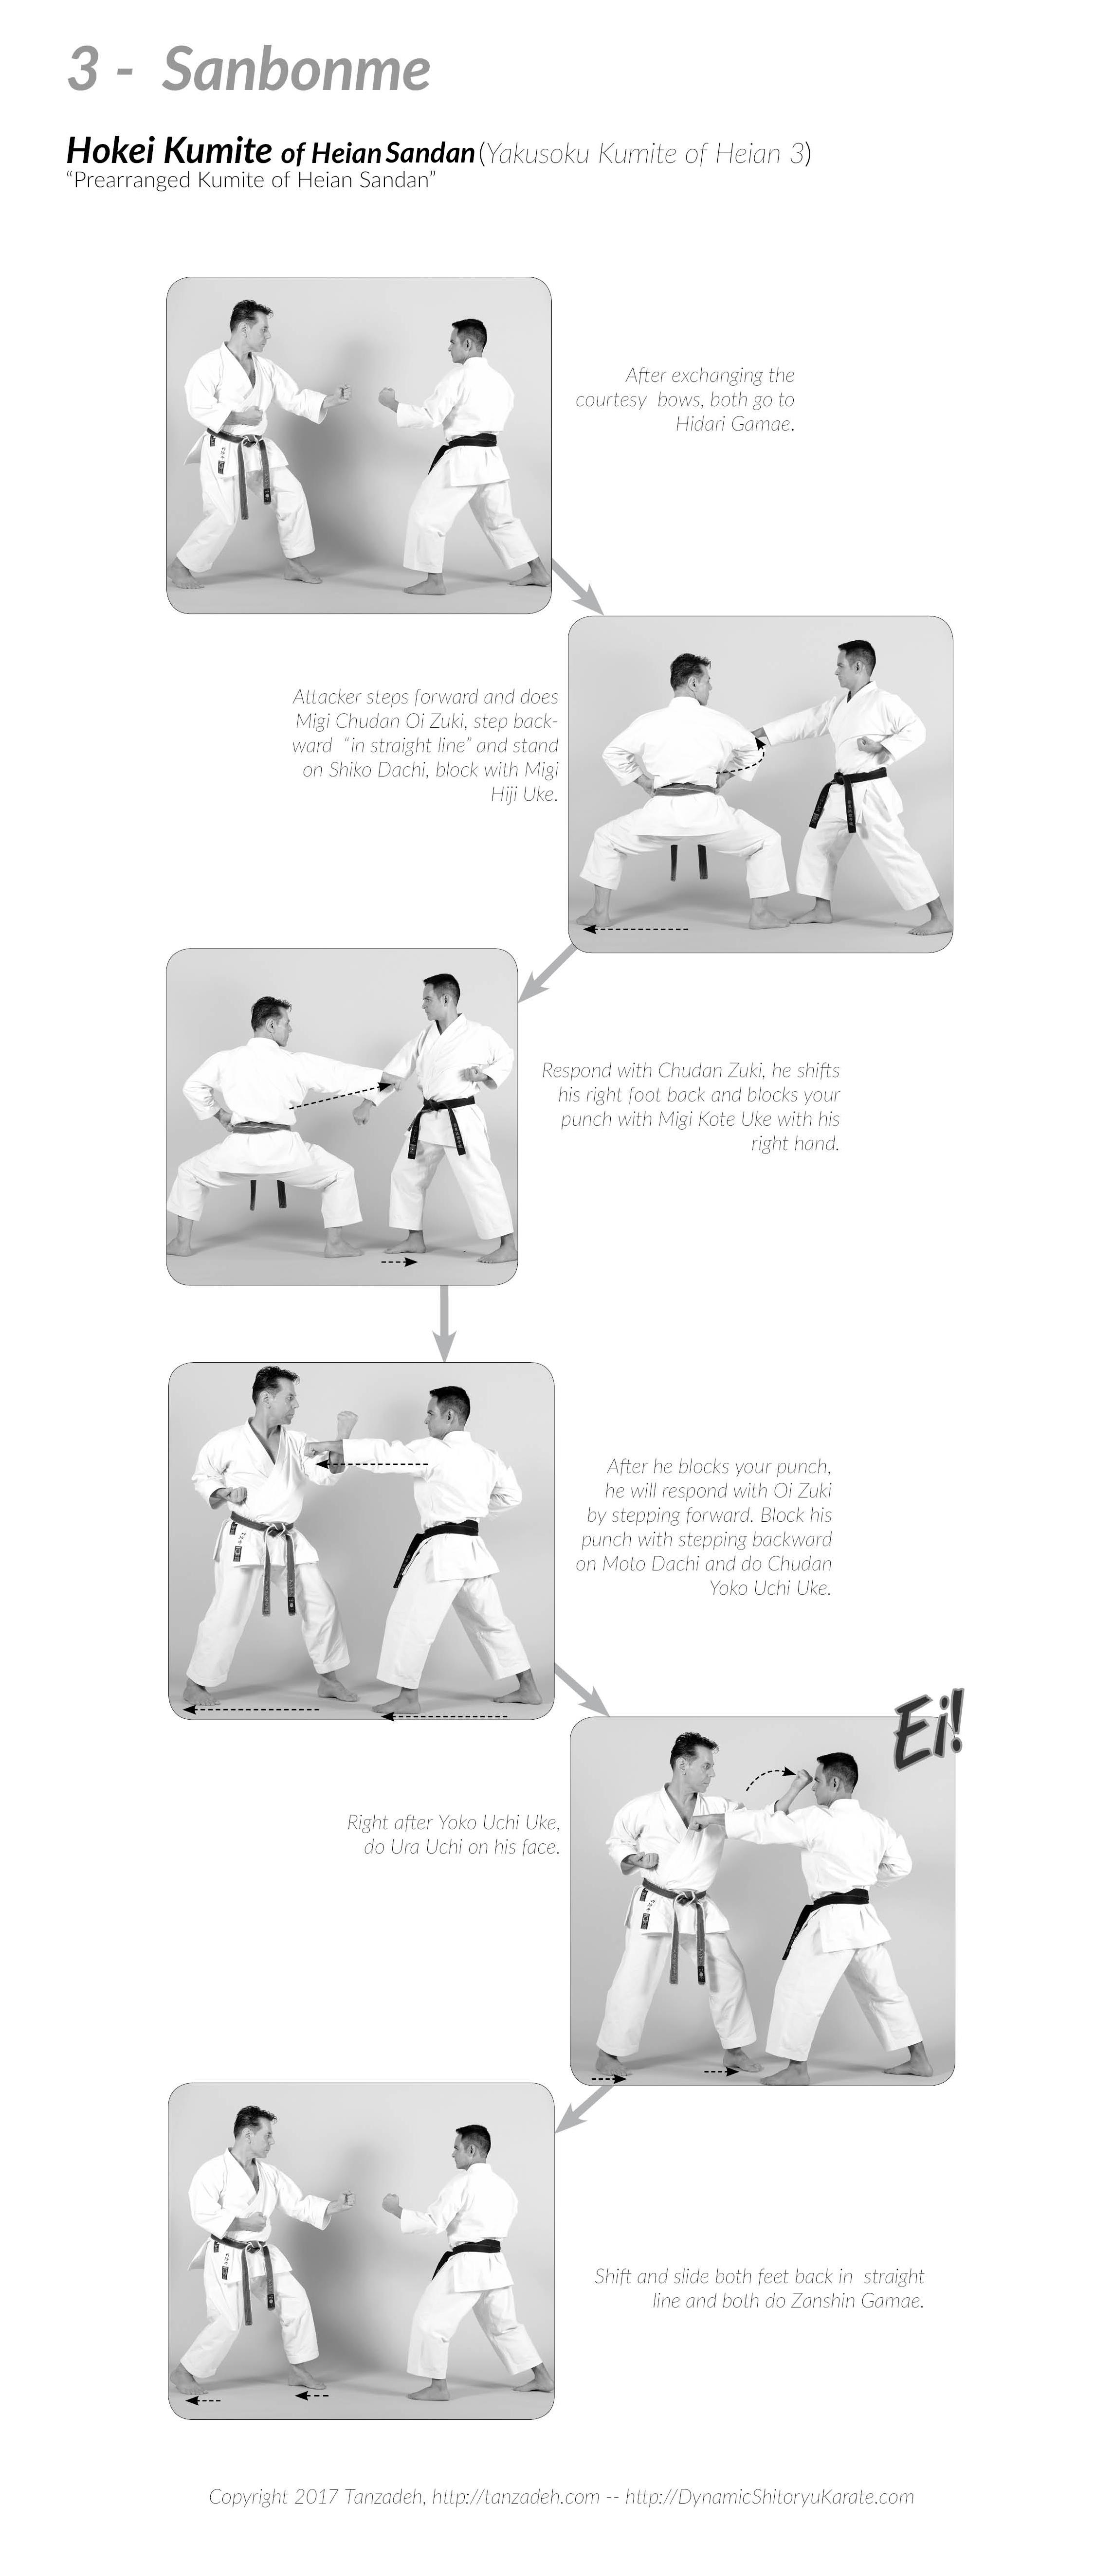 Hokei Kumite Heian Sandan, Yokusoku Kumite of Heian Sandan